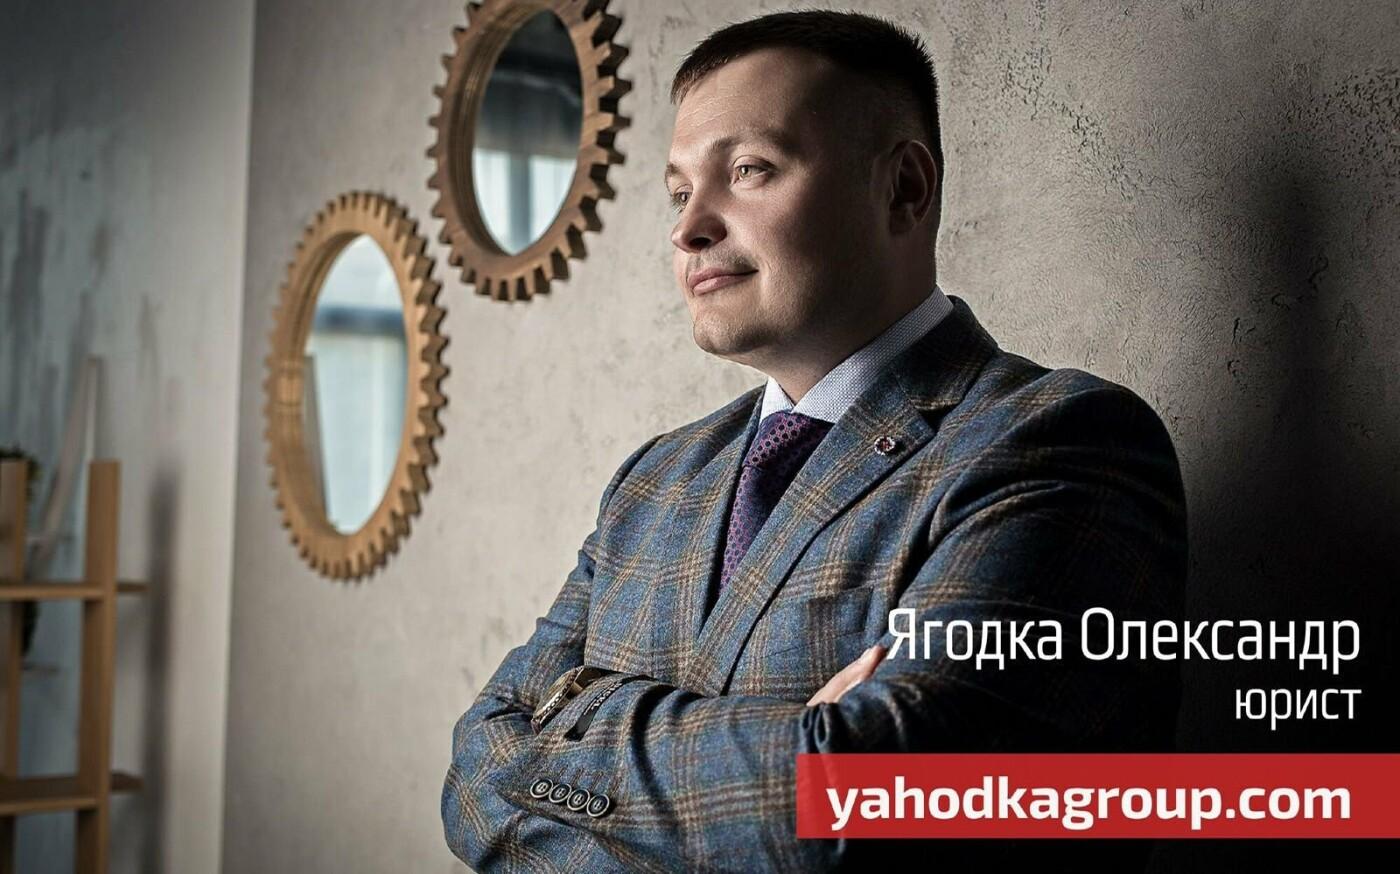 Бизнес Киев - все, что нужно для развития своего дела., фото-7